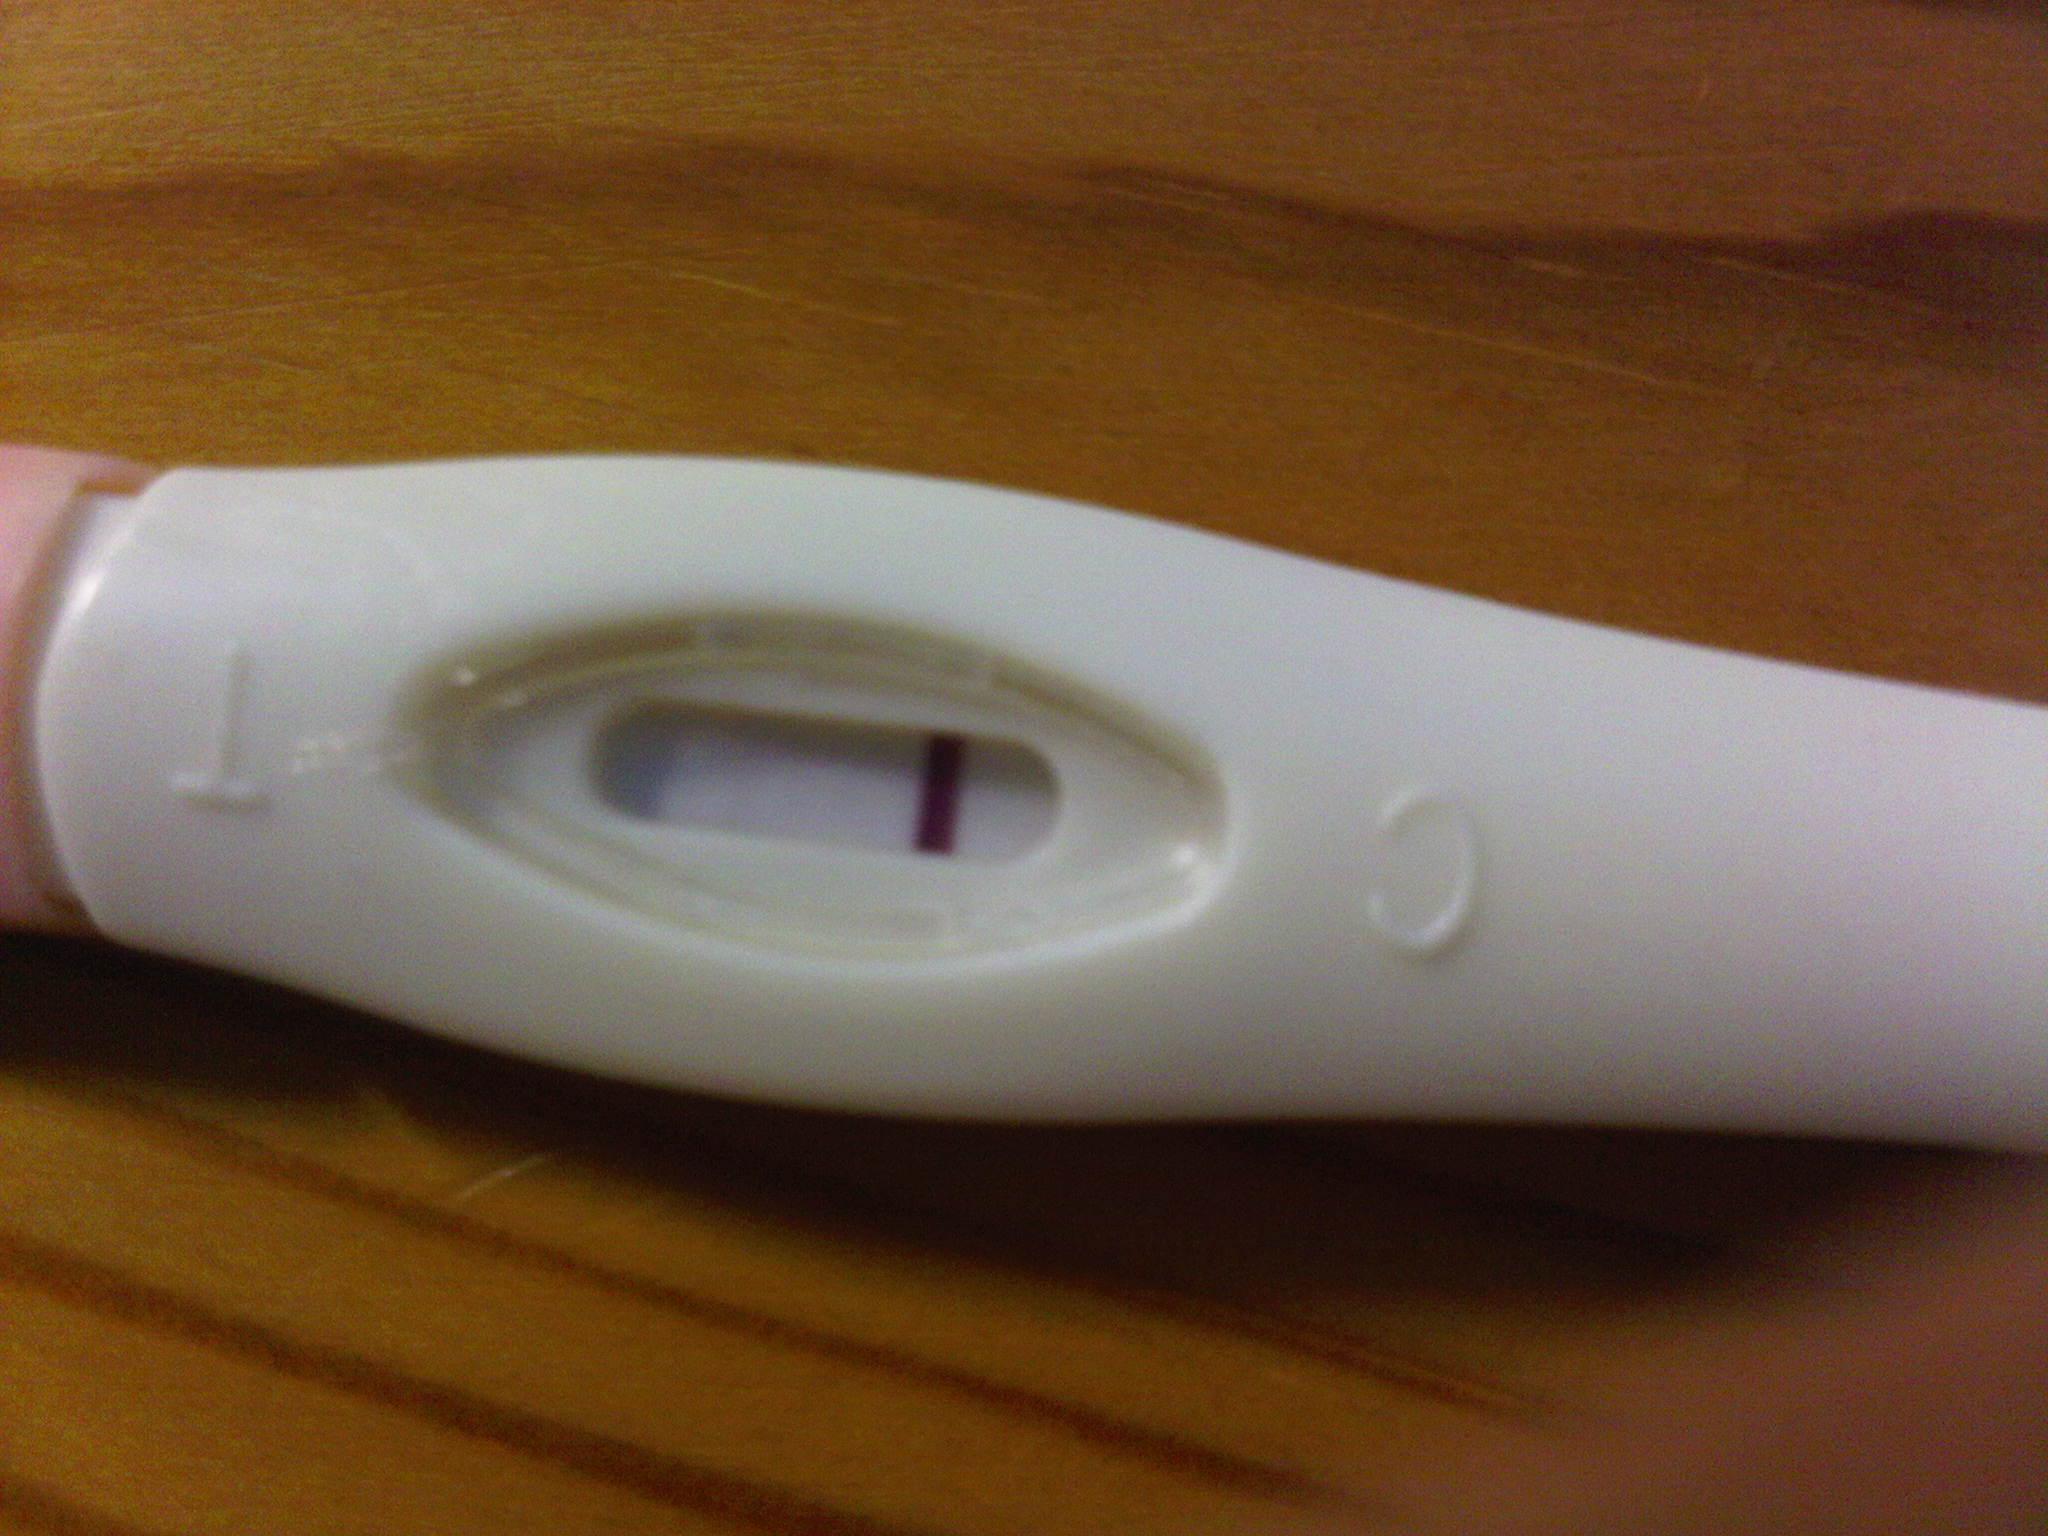 棒结果怎么看_验孕棒没怀孕_验孕棒2条杠图片_验孕棒 ...